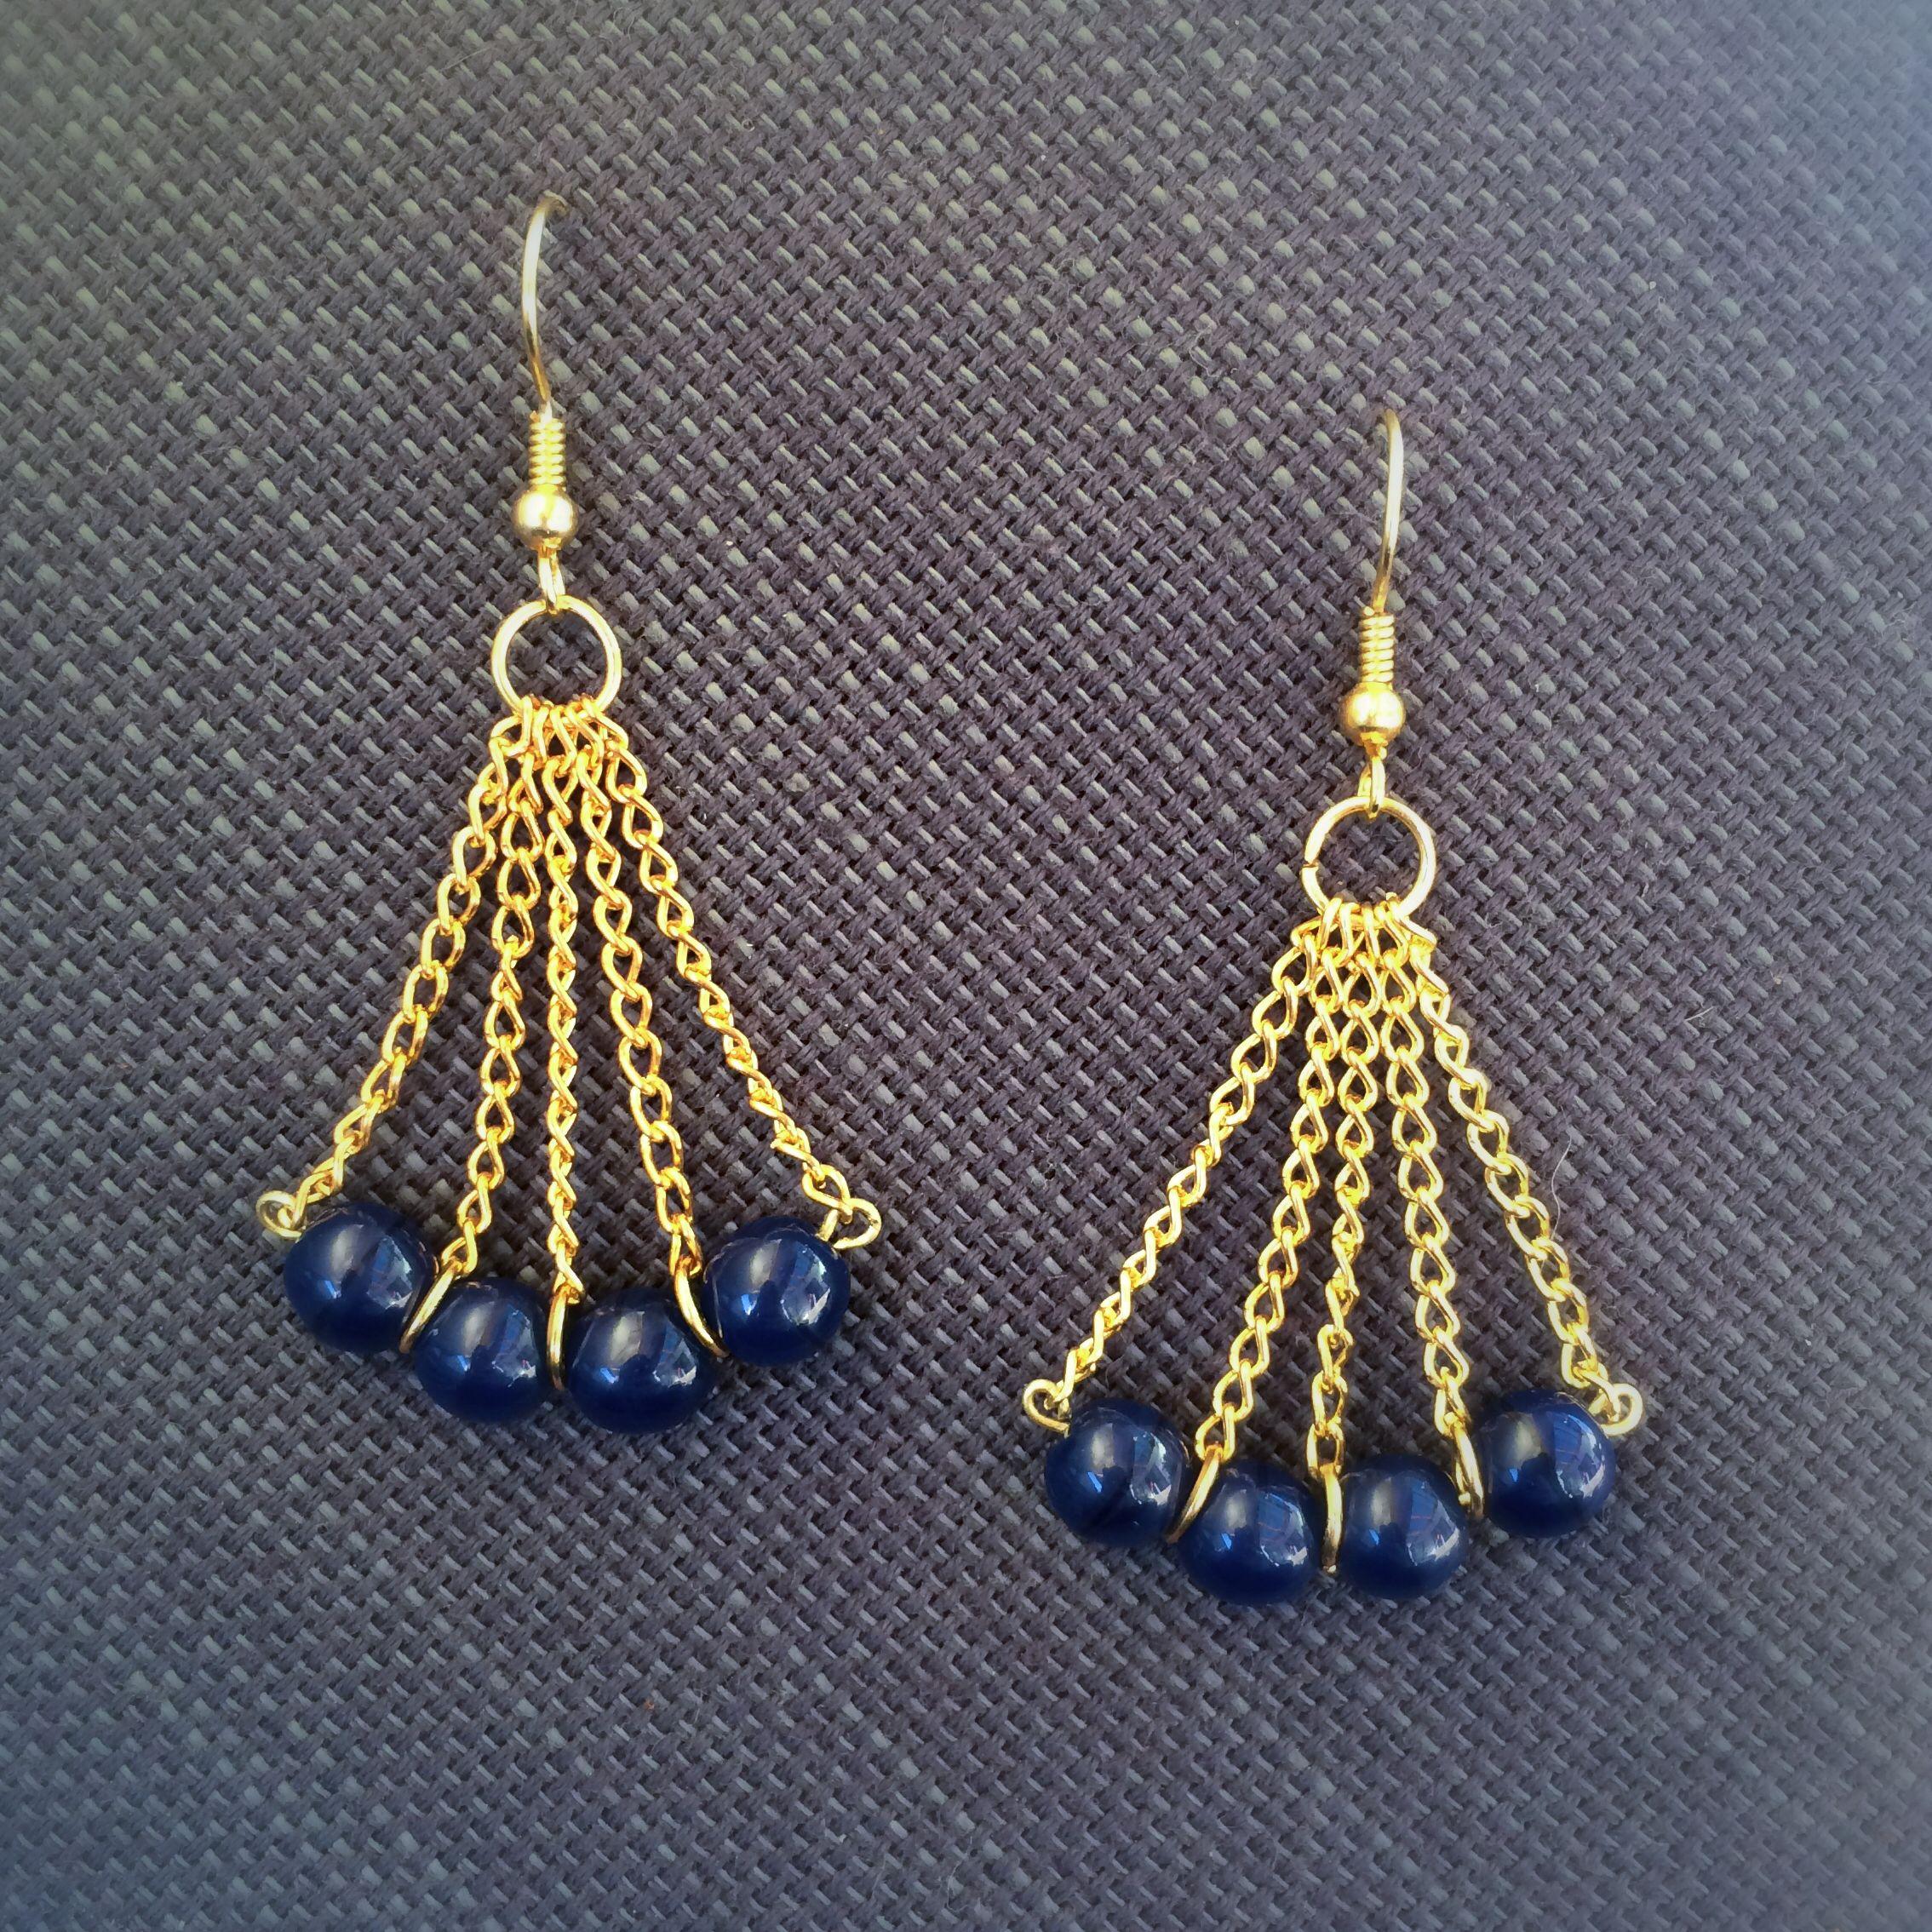 handmade wire jewelry   Earrings   Pinterest   Handmade wire jewelry ...